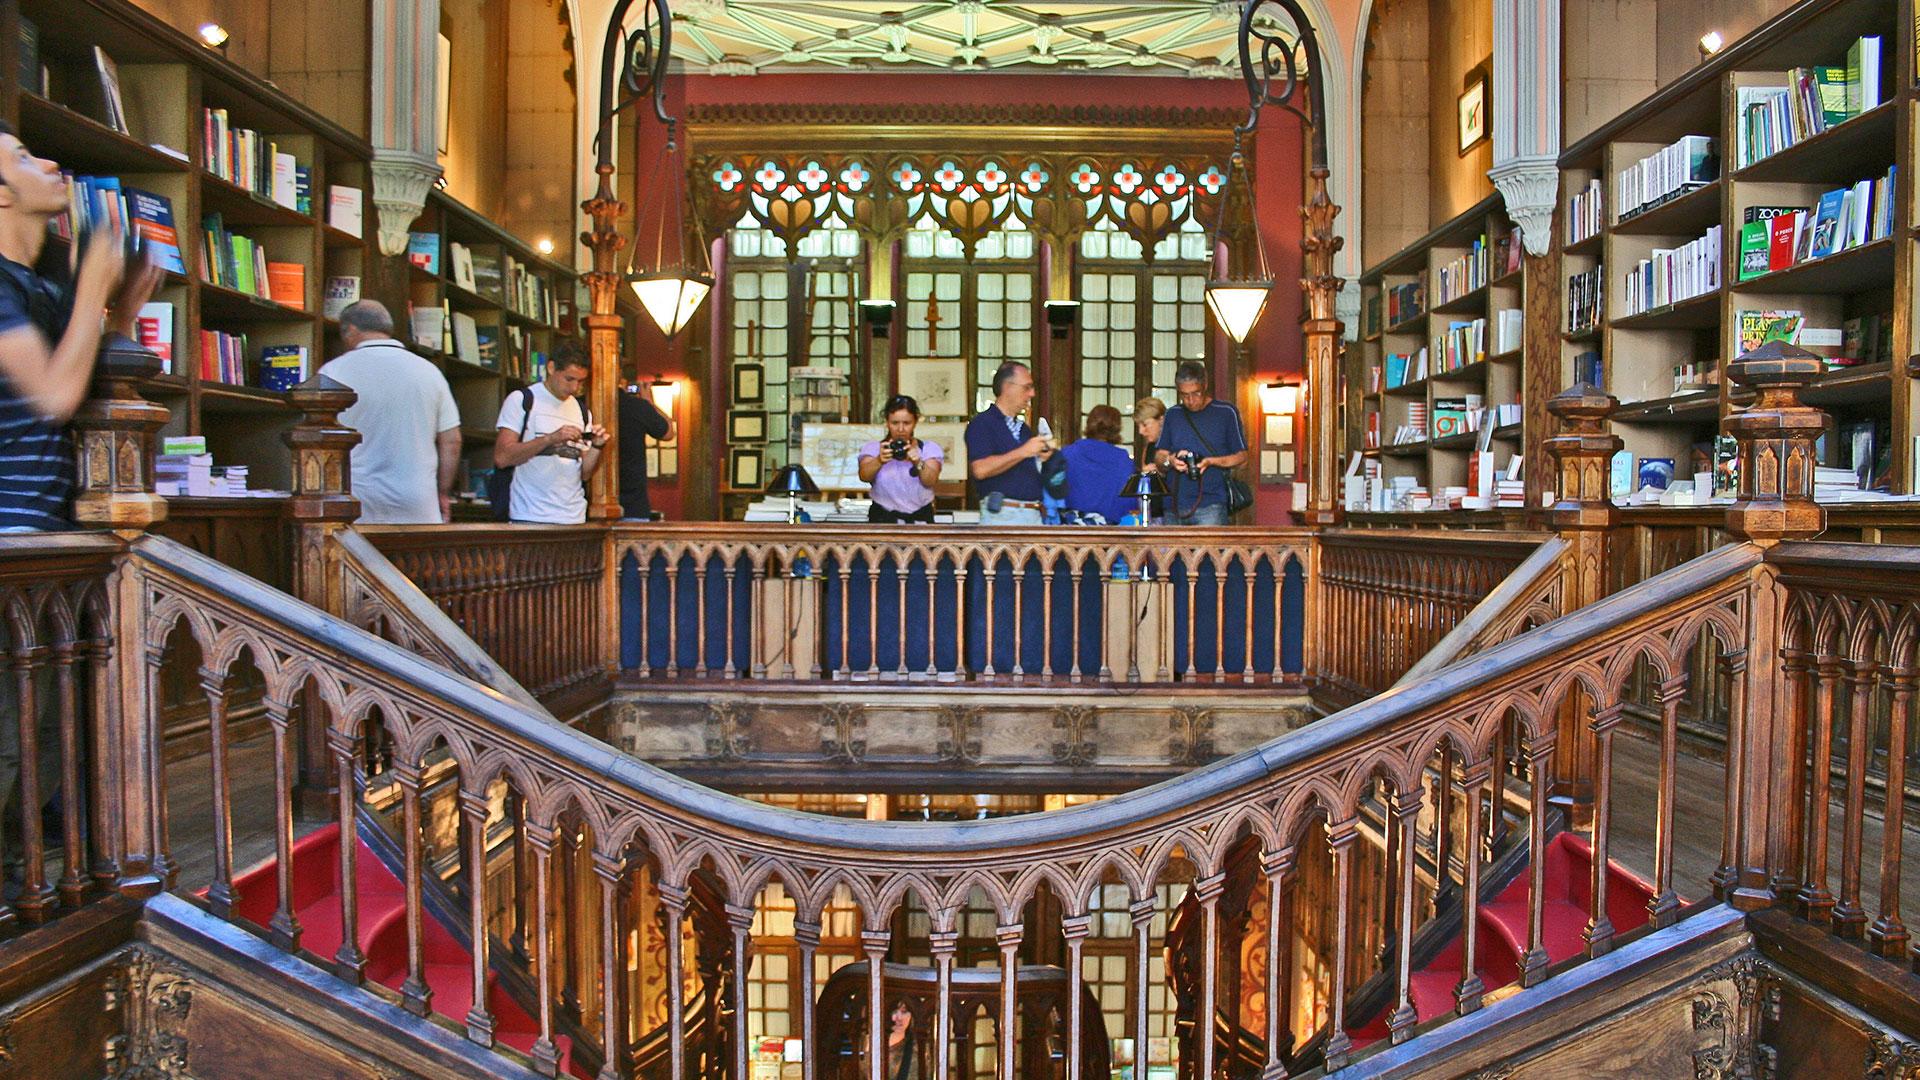 Librerias mundo hero asset